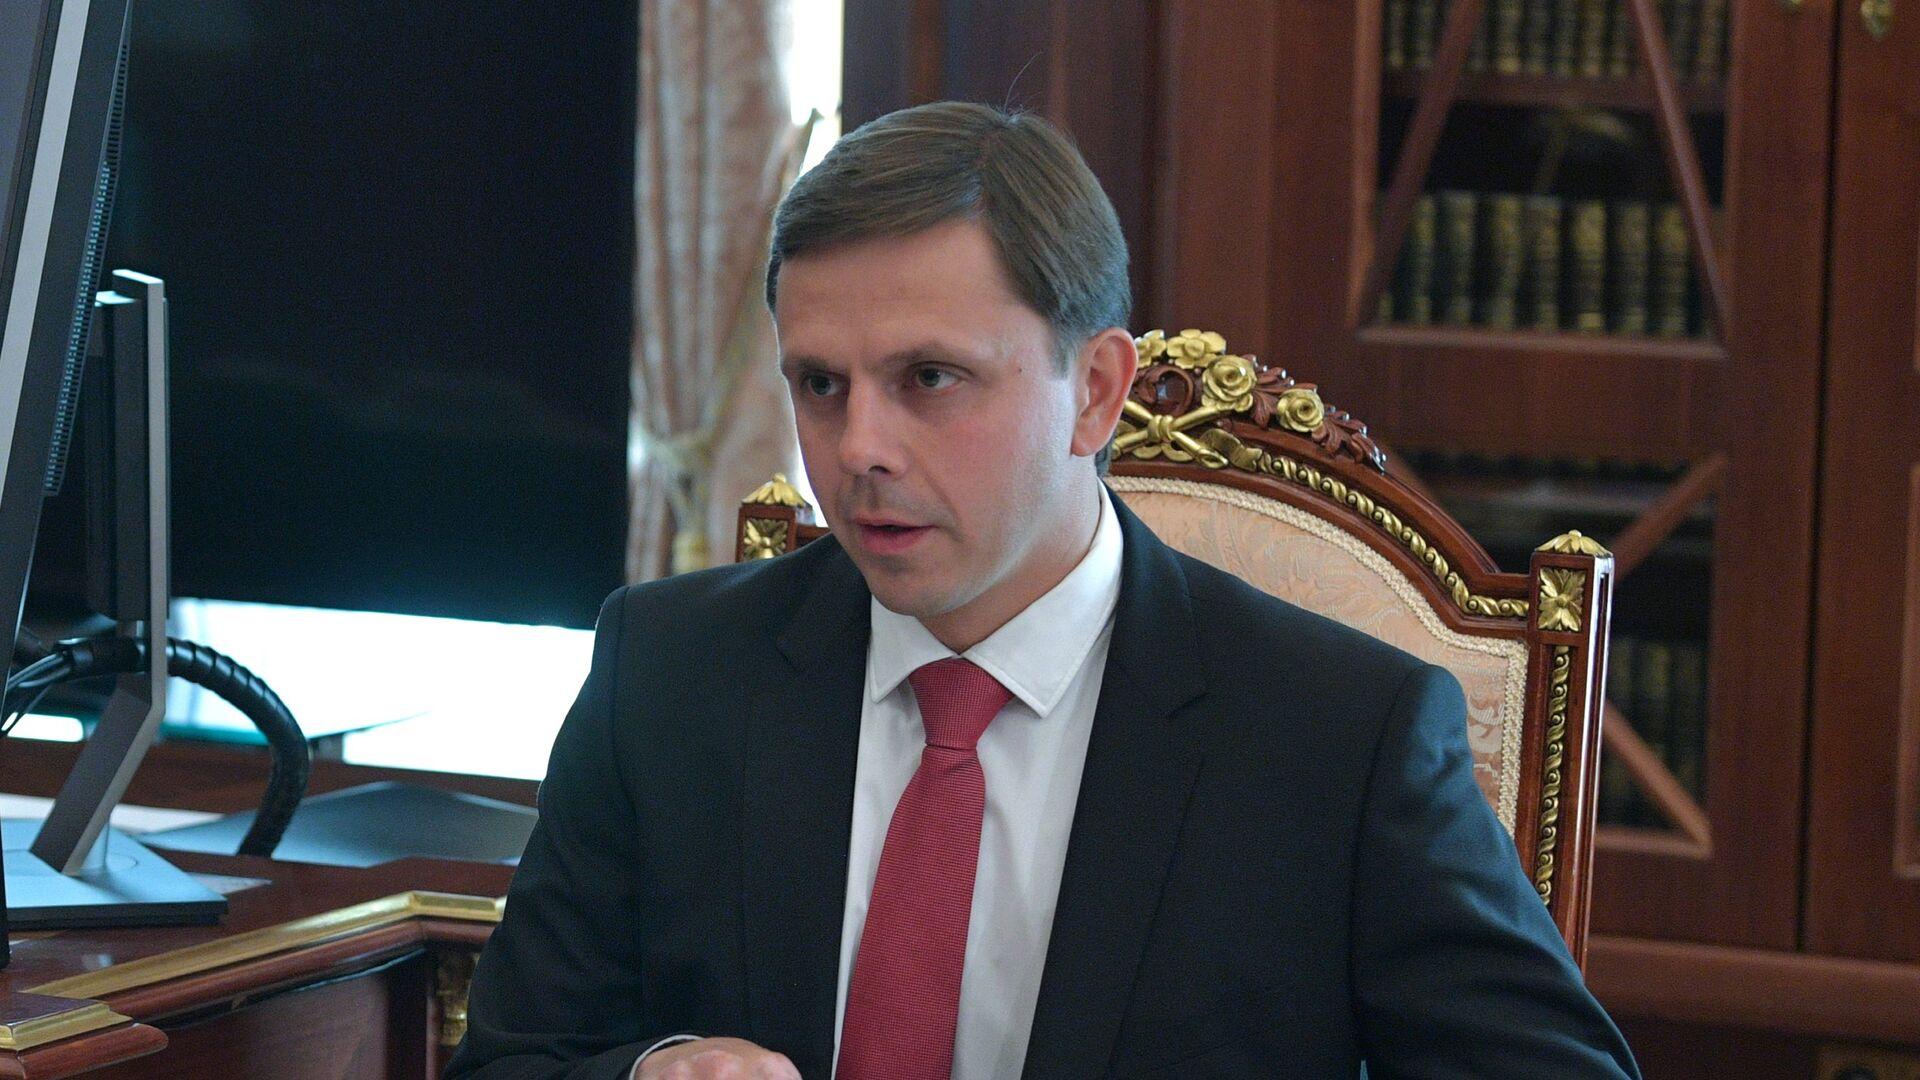 Орловский губернатор объяснил, почему пристыдил просившую помощи девушку